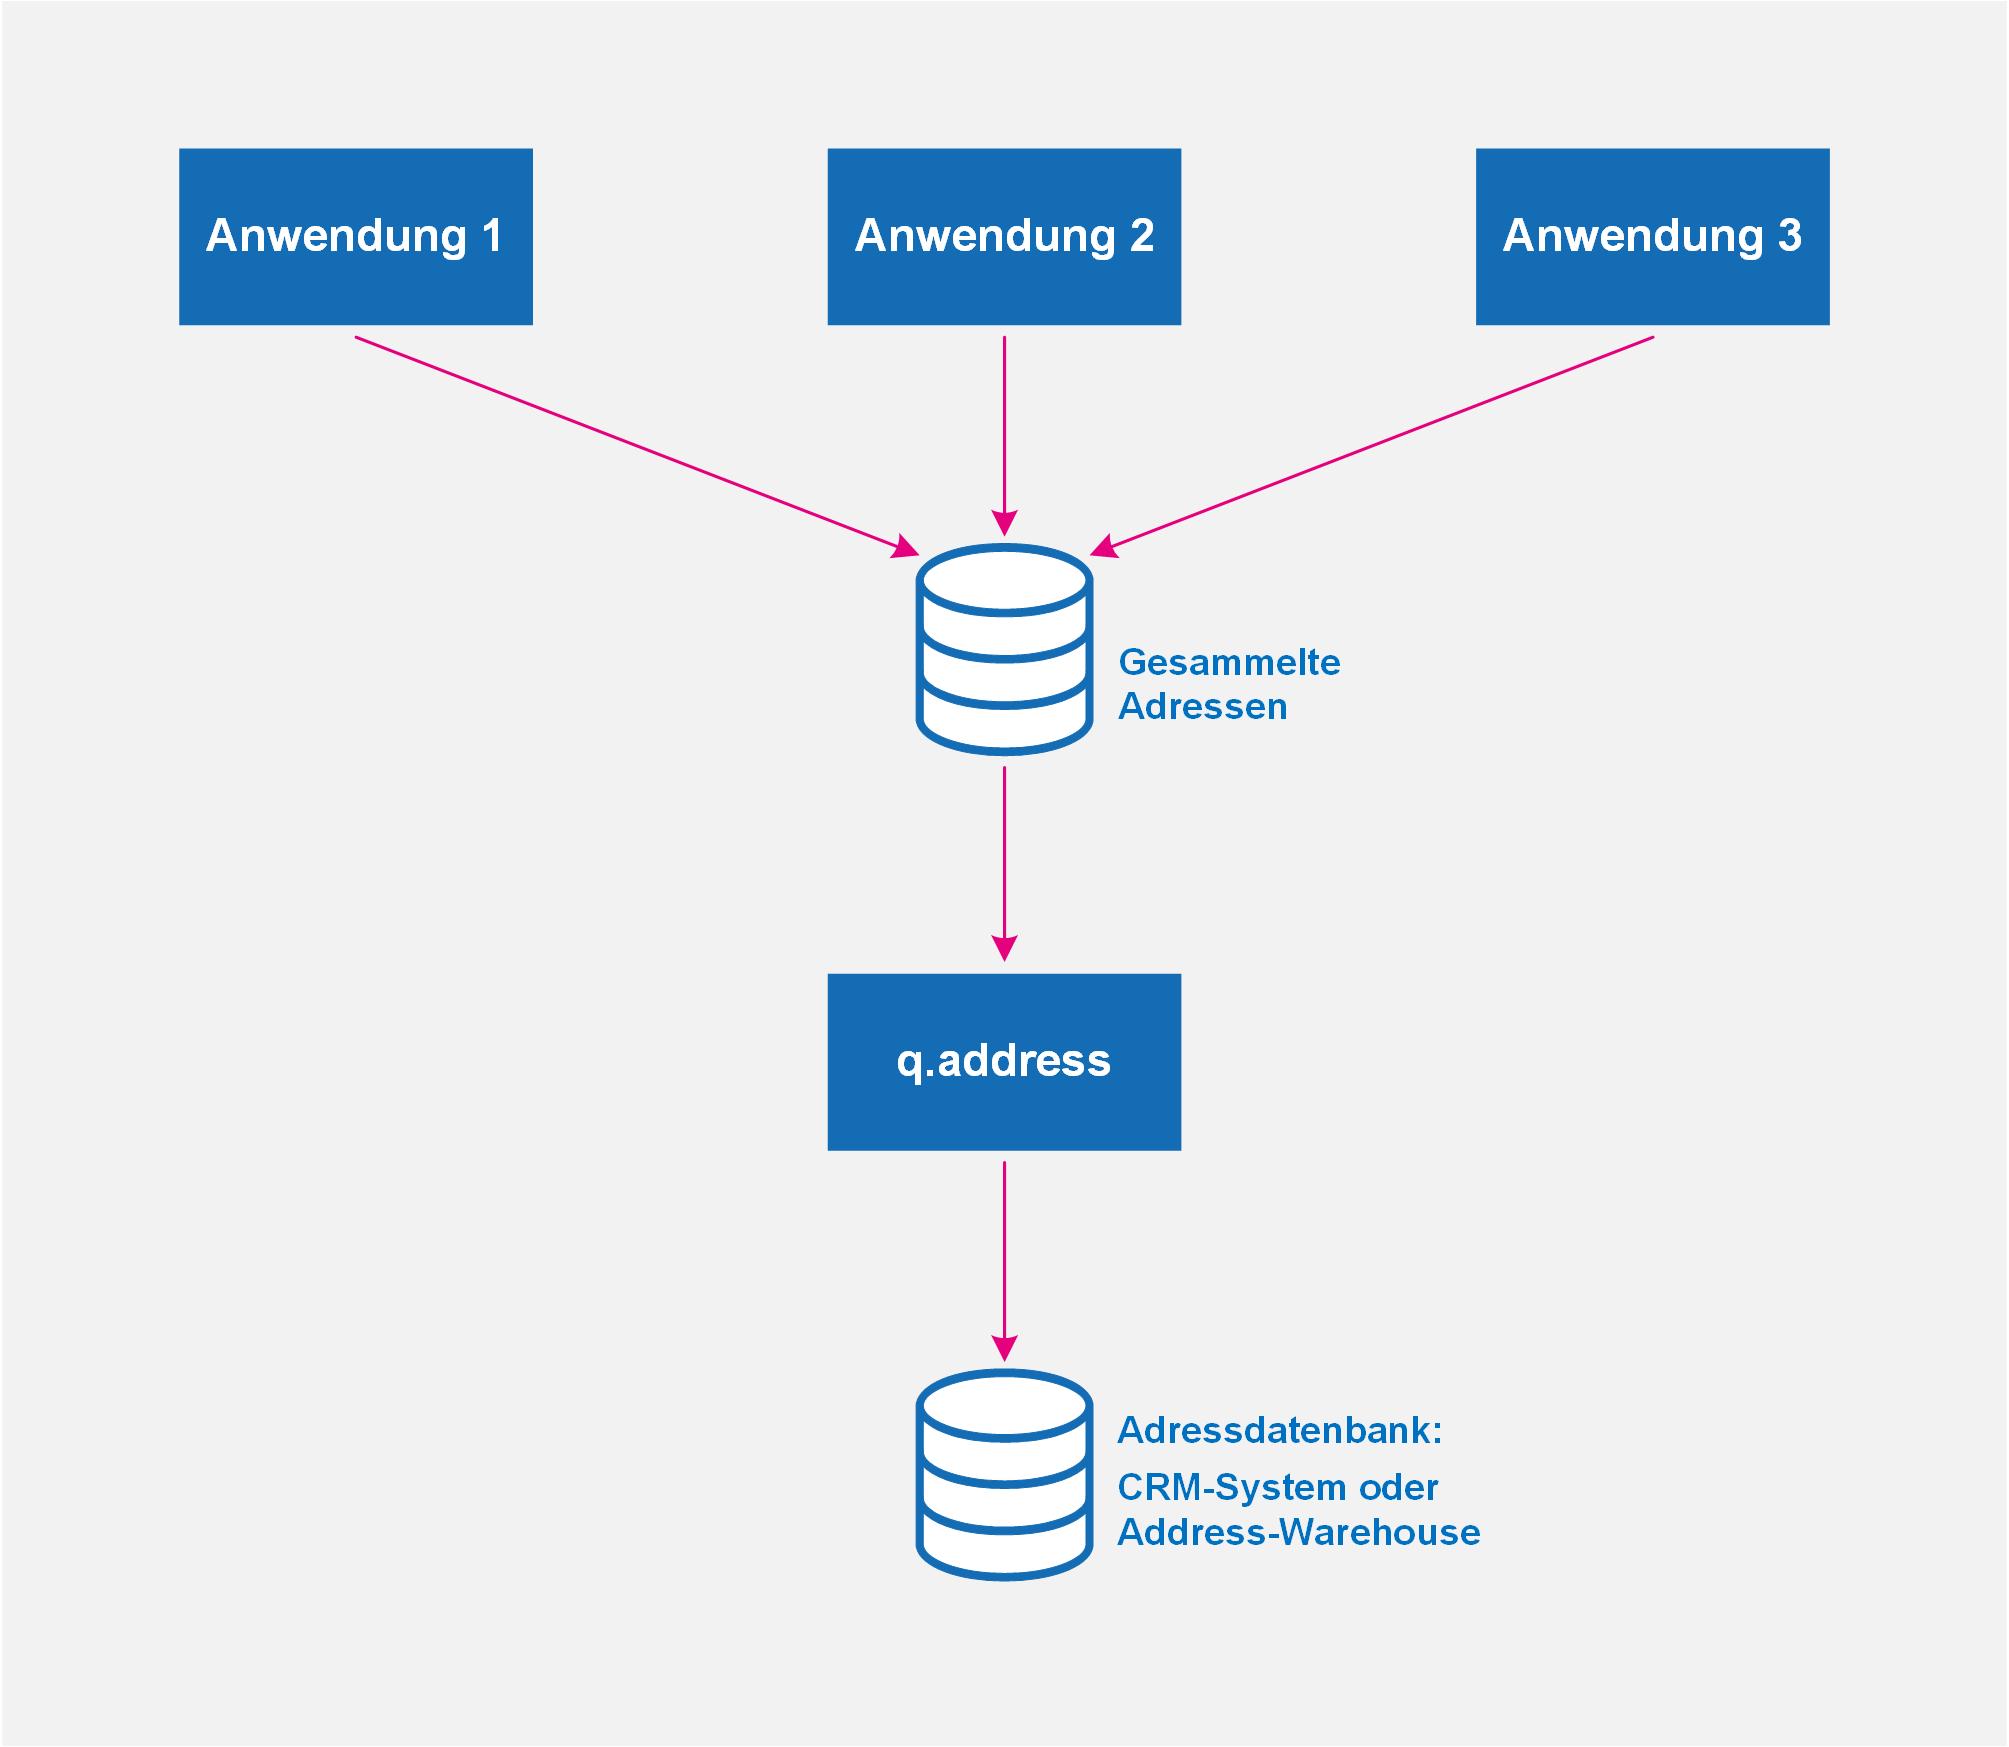 qaddress-Übernahme-der-Daten